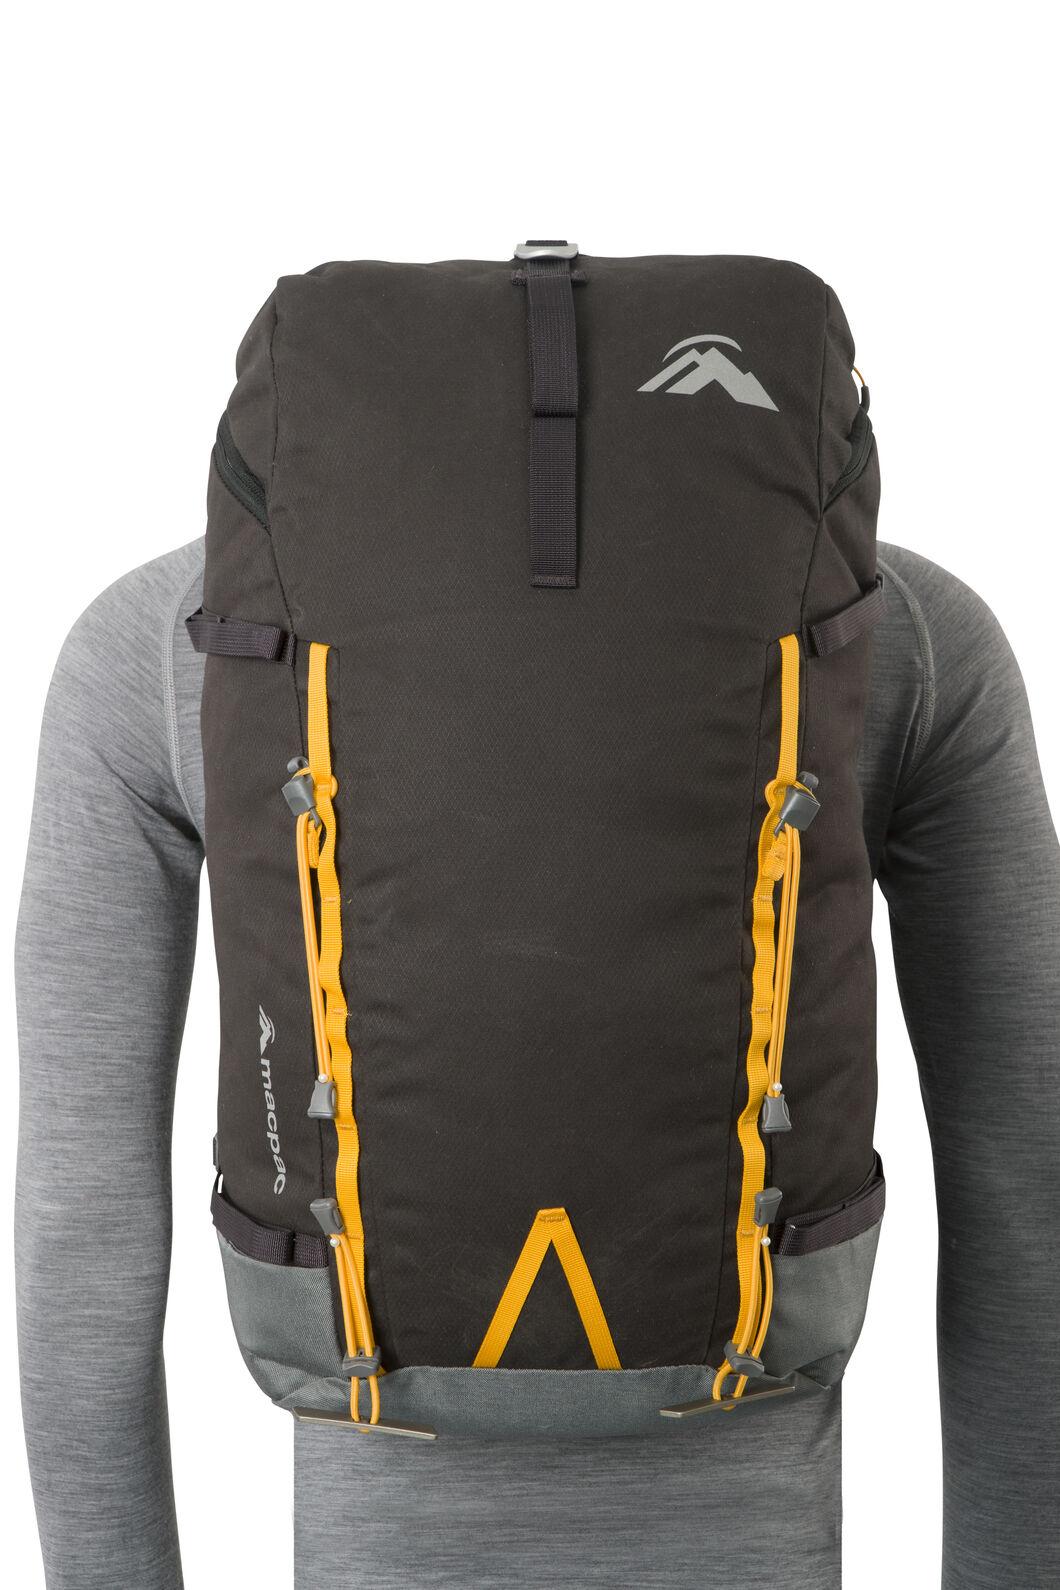 Macpac Pursuit 40L AzTec® Alpine Pack, Licorice, hi-res